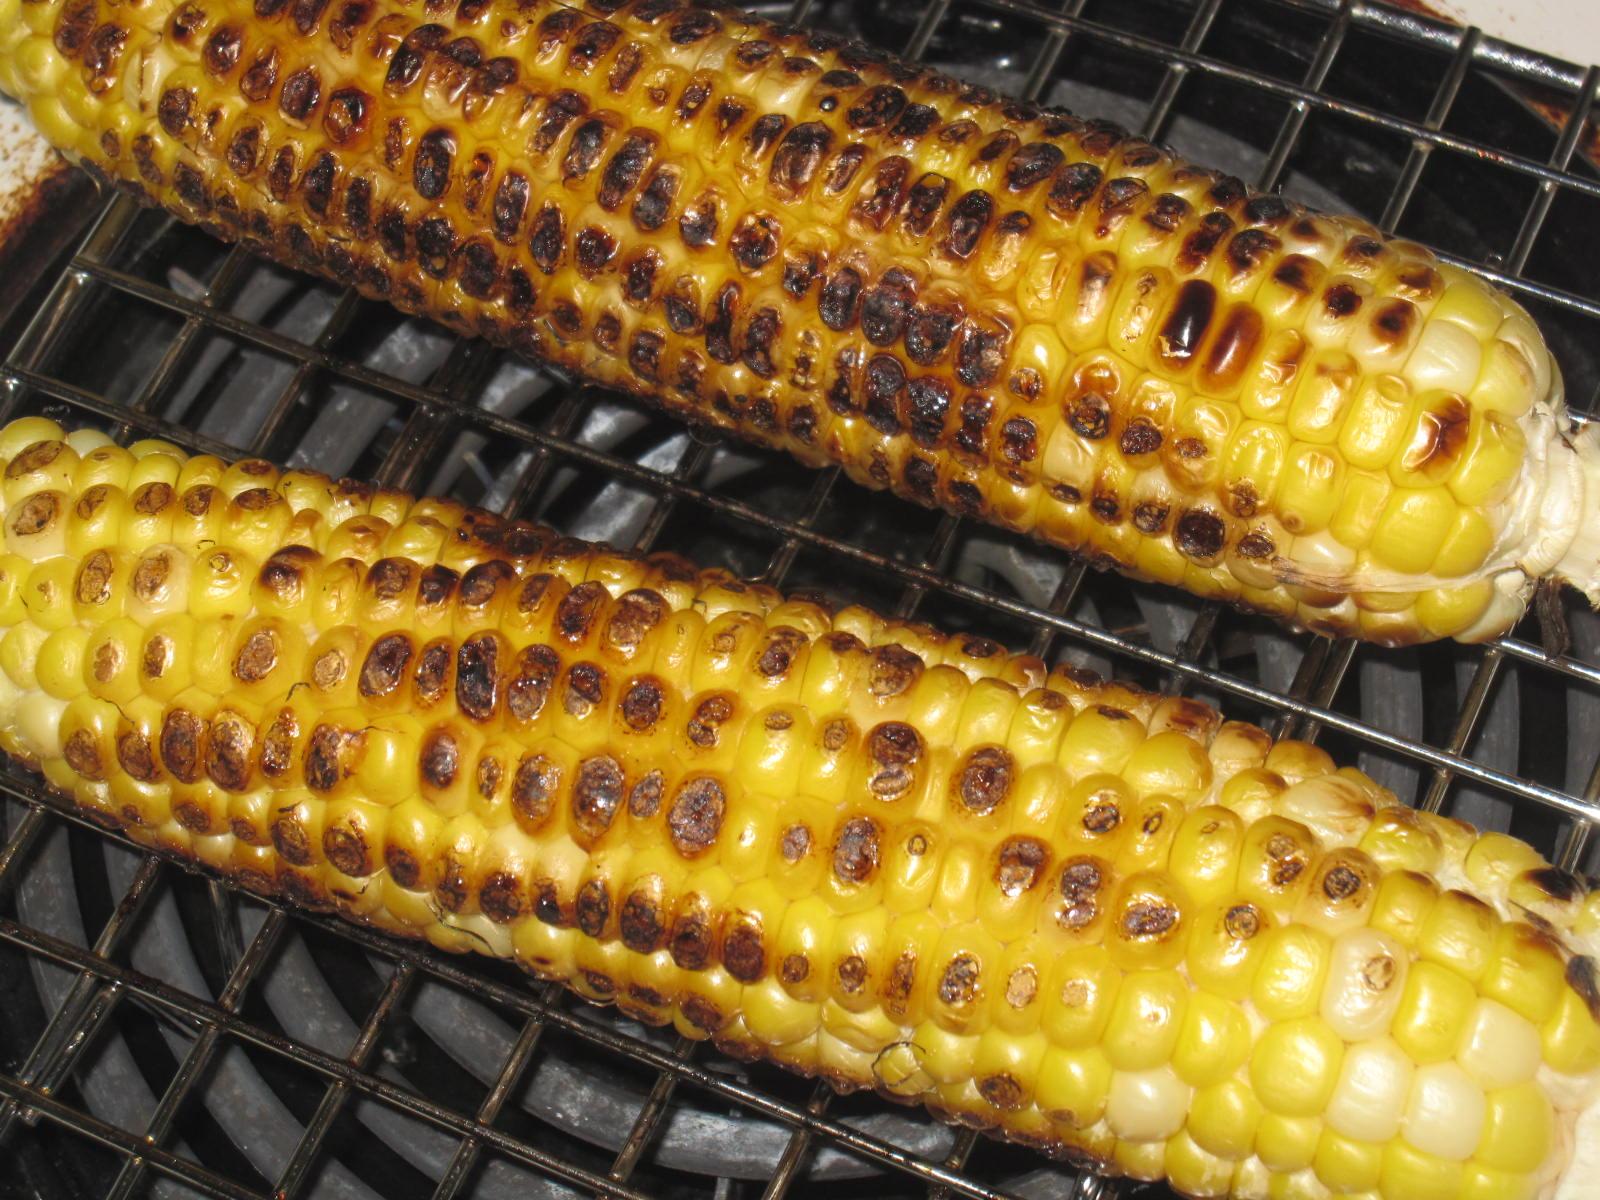 Essence-de-life: Grilled corn